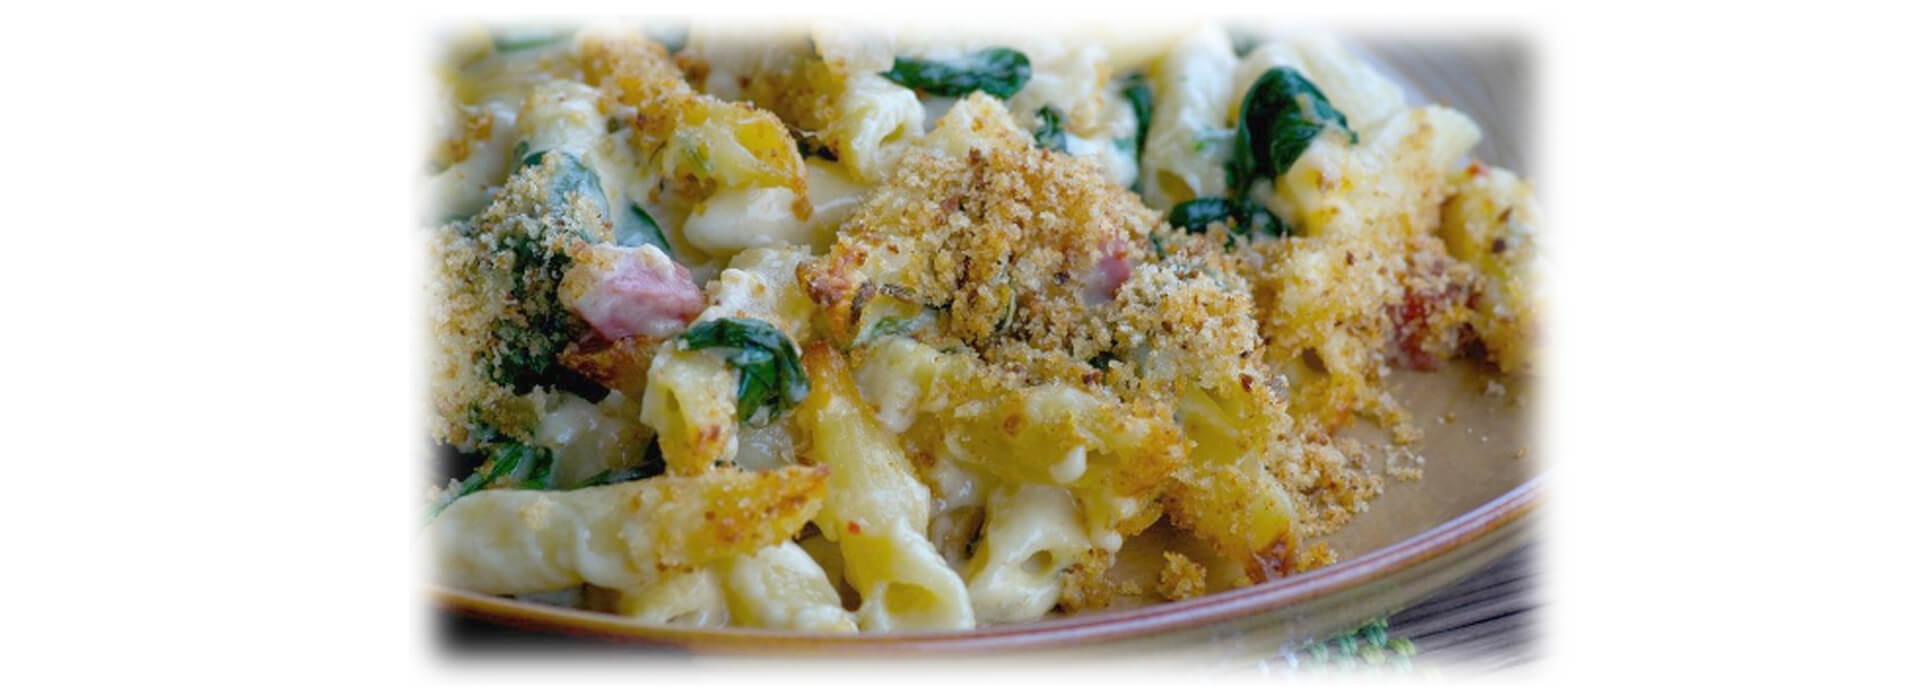 Salami, Spinach and Smoked Gouda Mac